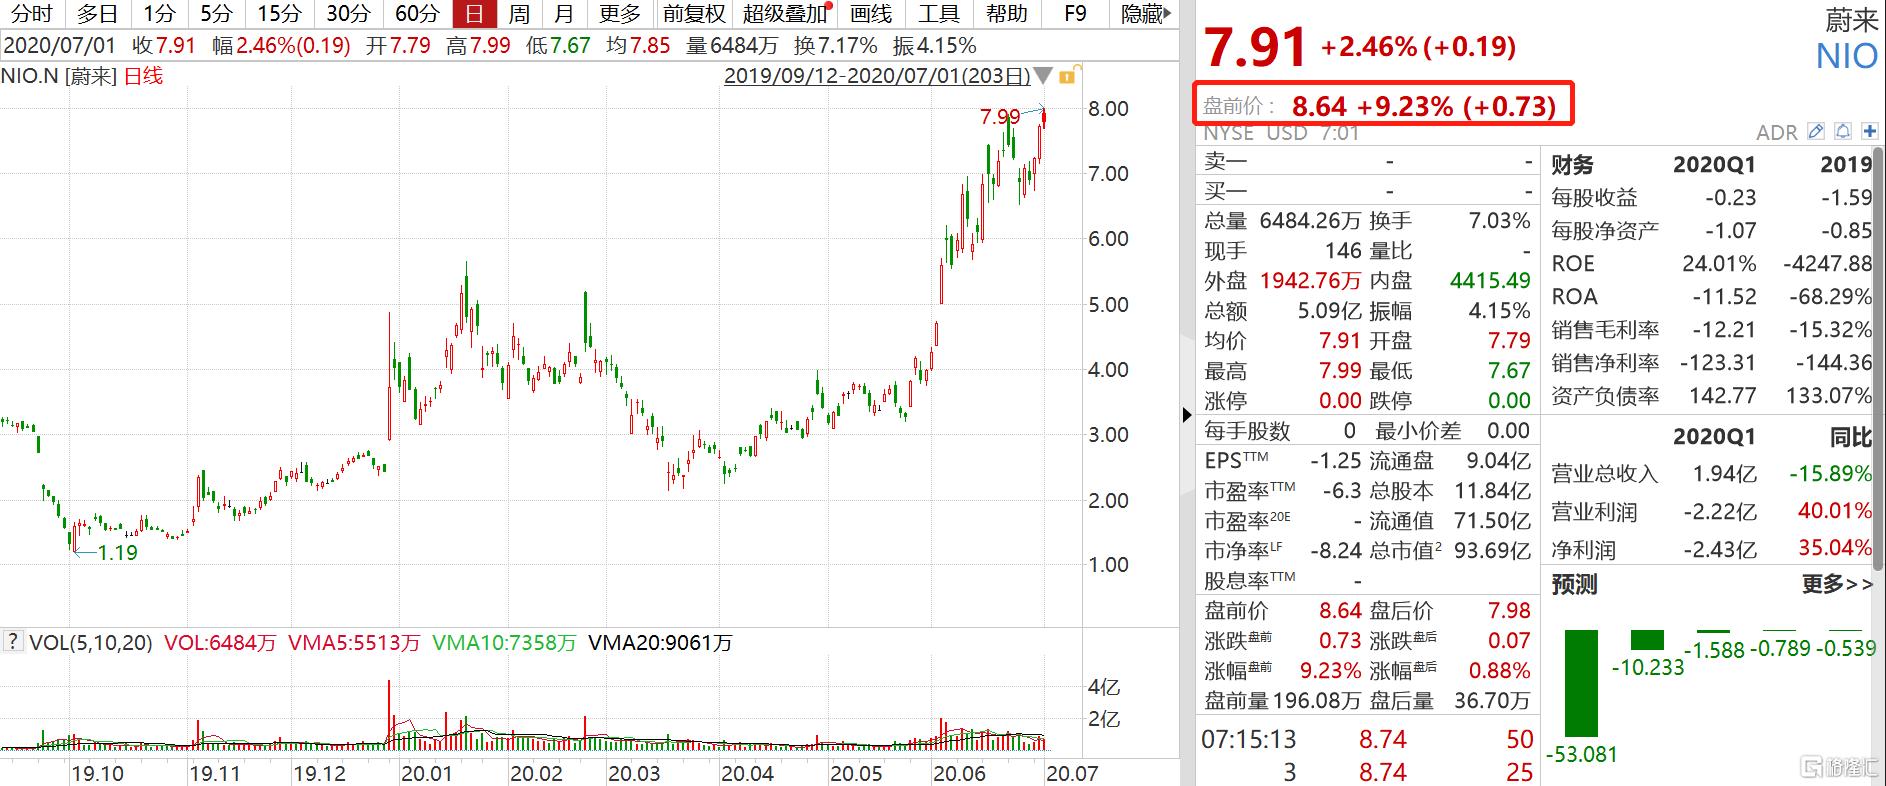 蔚来(NIO.US)盘前大涨超9% 6月销